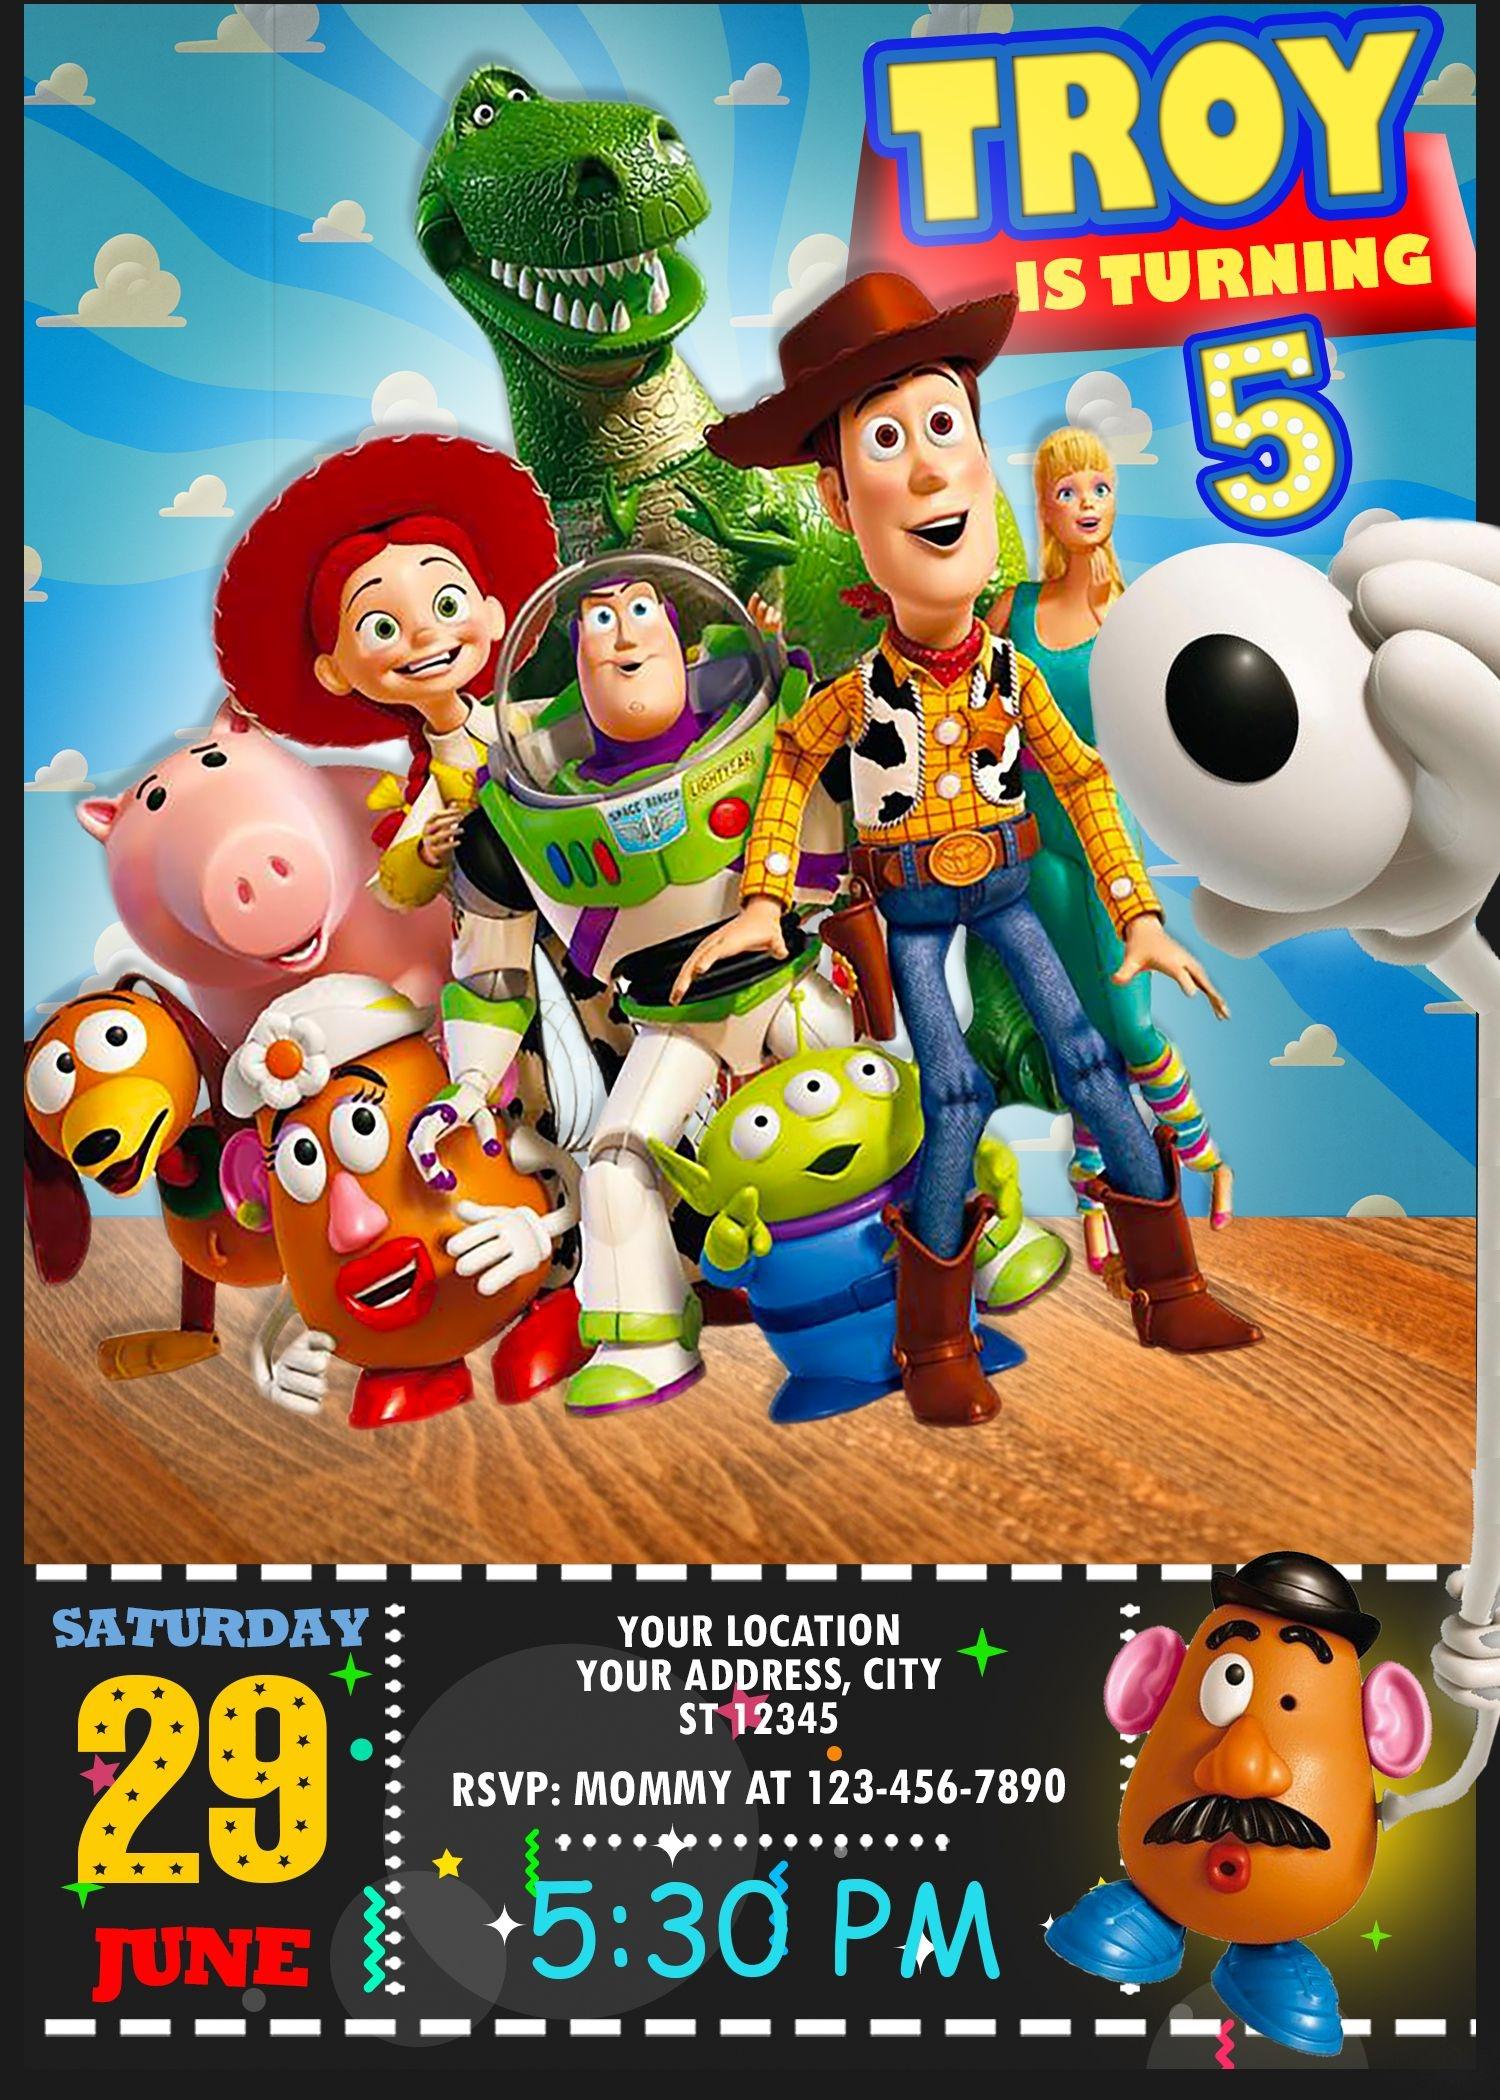 Toy Story 4 Birthday Invitation In 2019 | Oscarsitosroom | Toy Story - Toy Story Birthday Card Printable Free